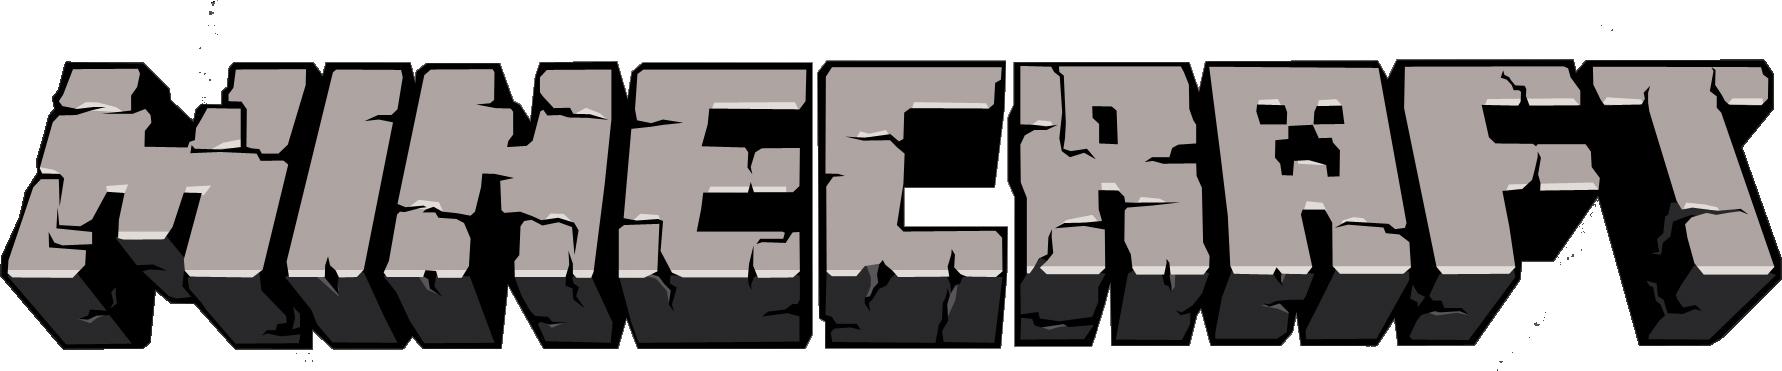 Afbeeldingsresultaat voor minecraft